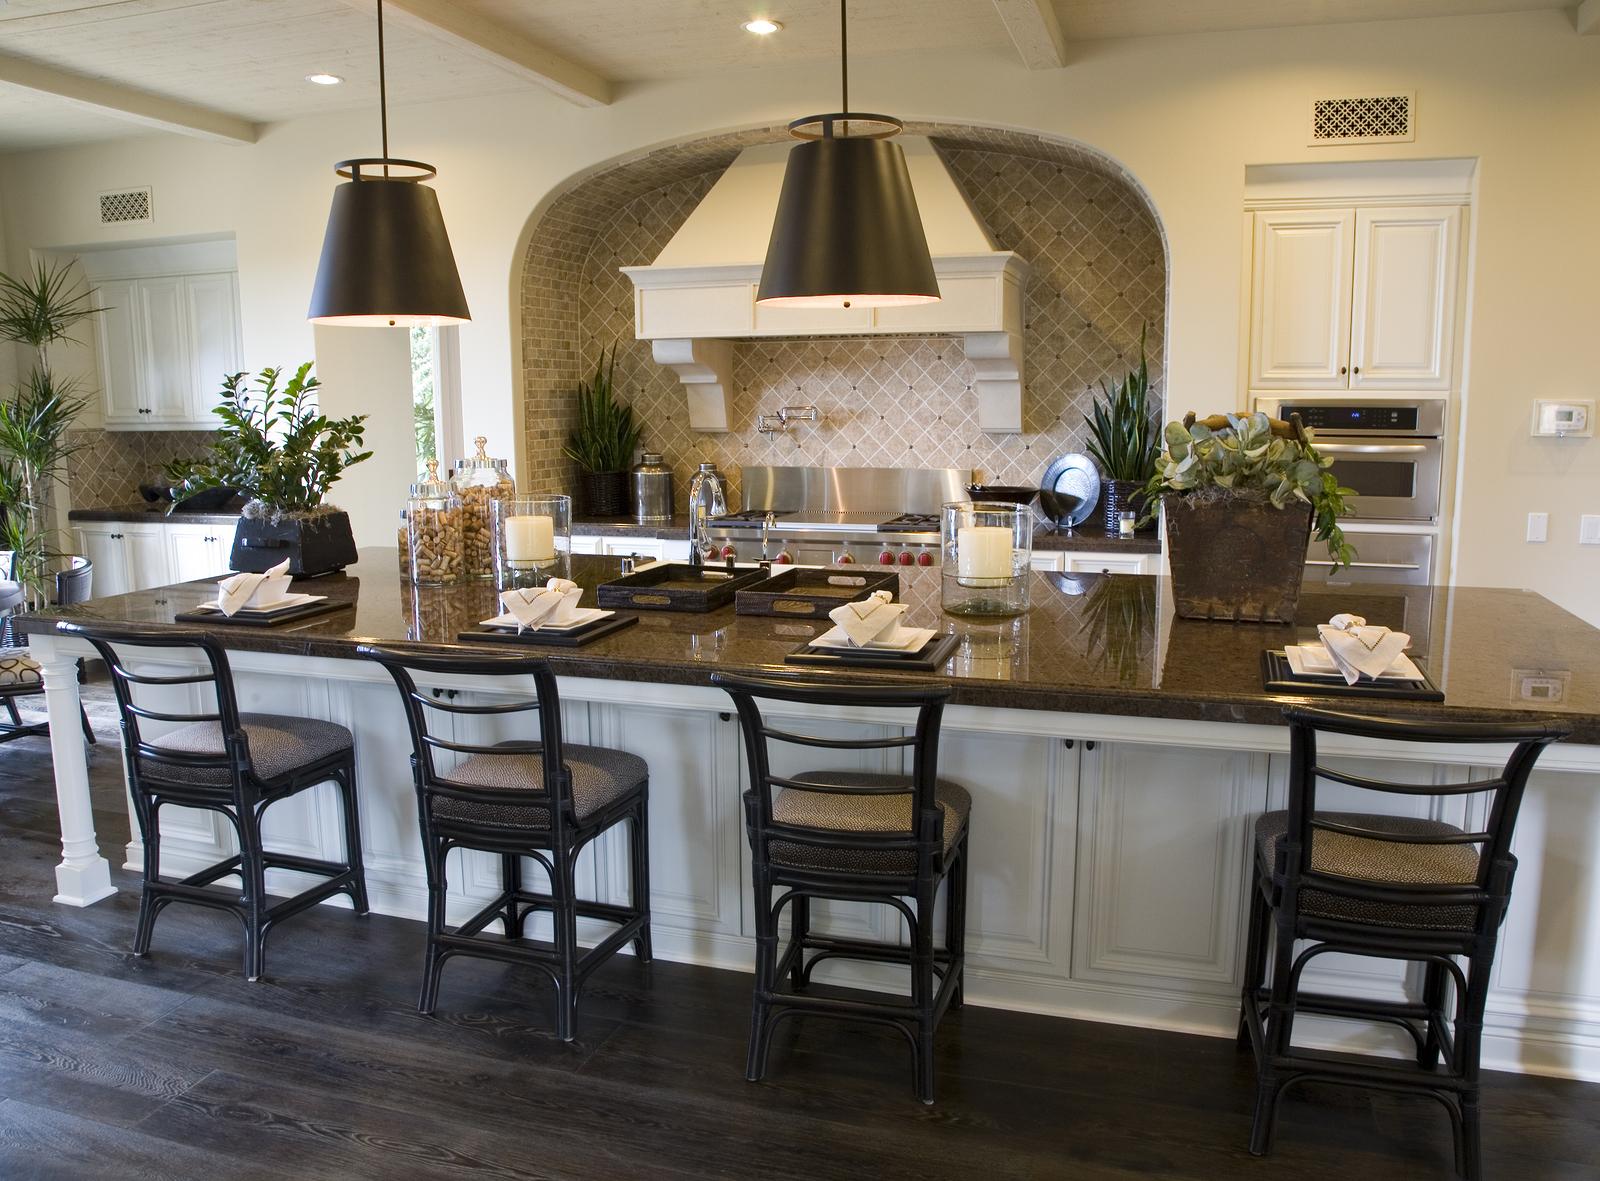 bigstock-Luxury-Home-Kitchen-2871625.jpg